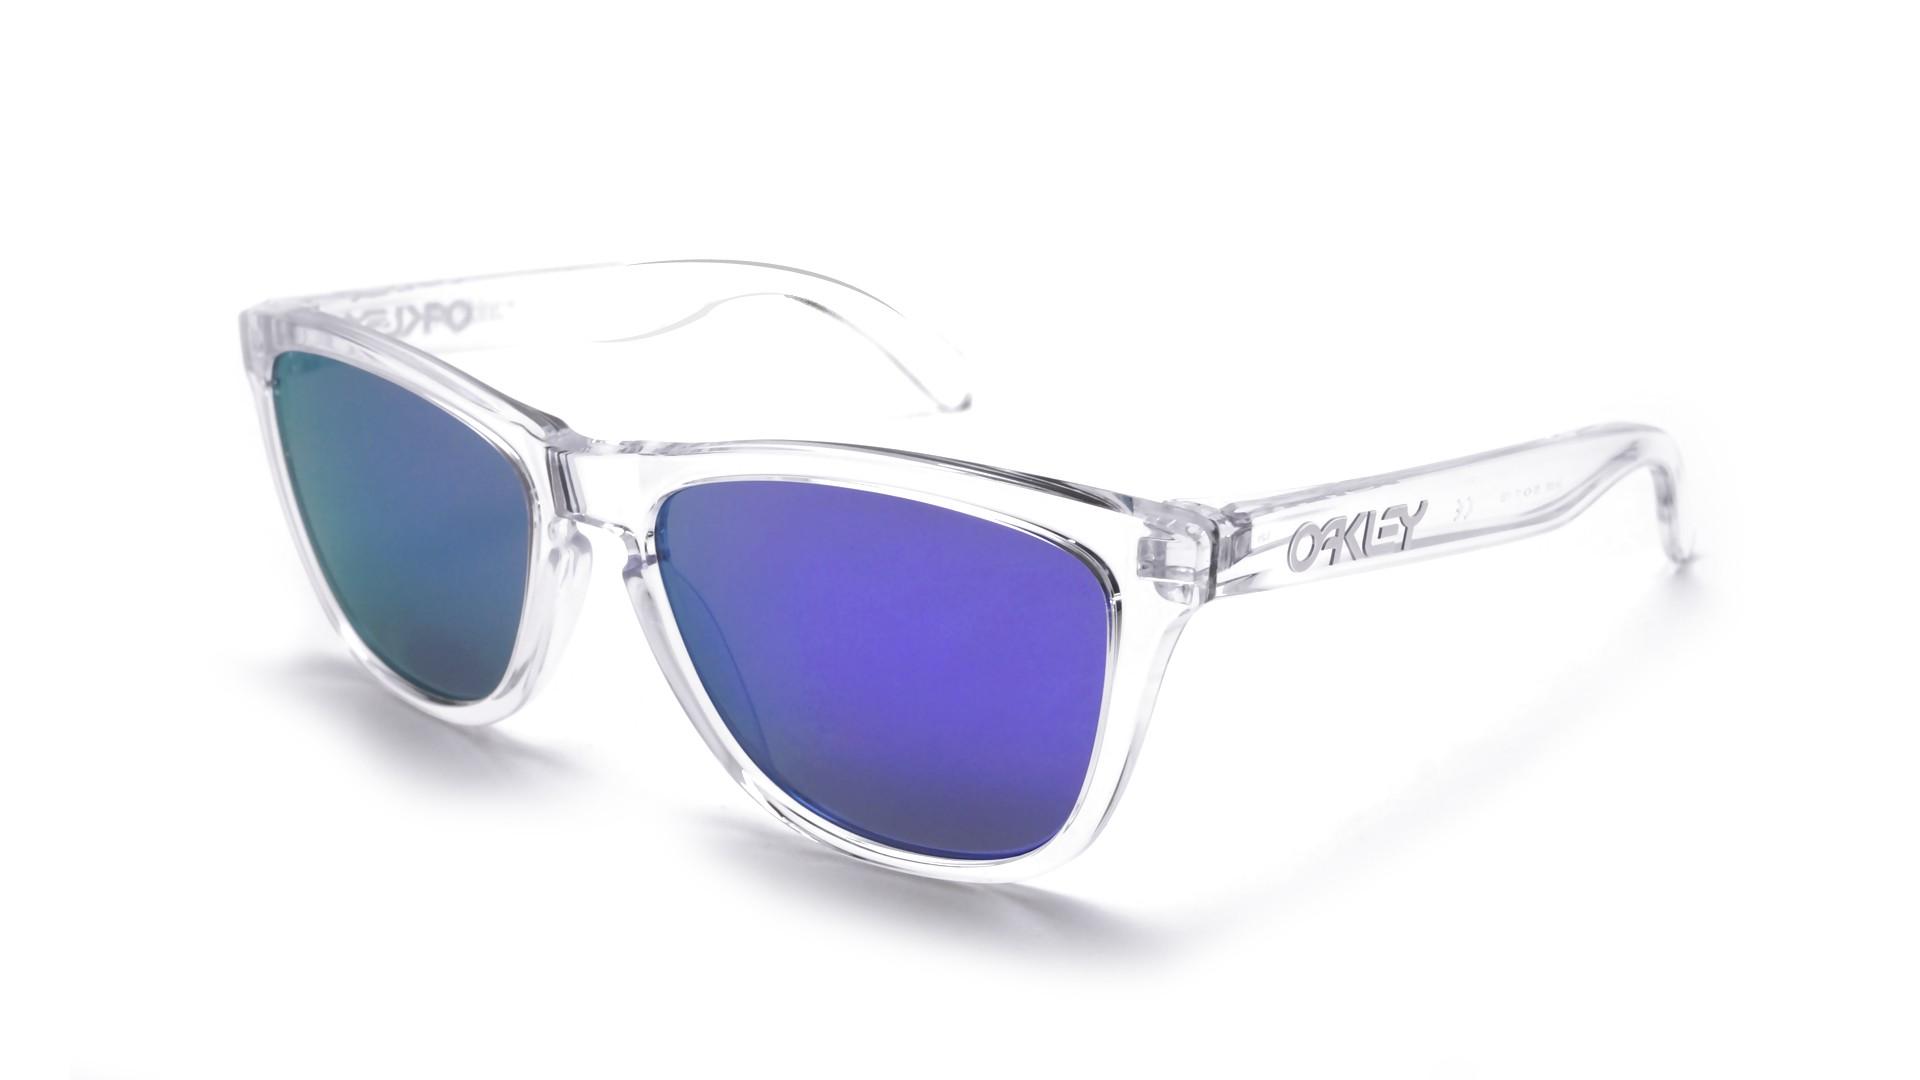 Oakley Frogskins 24 305